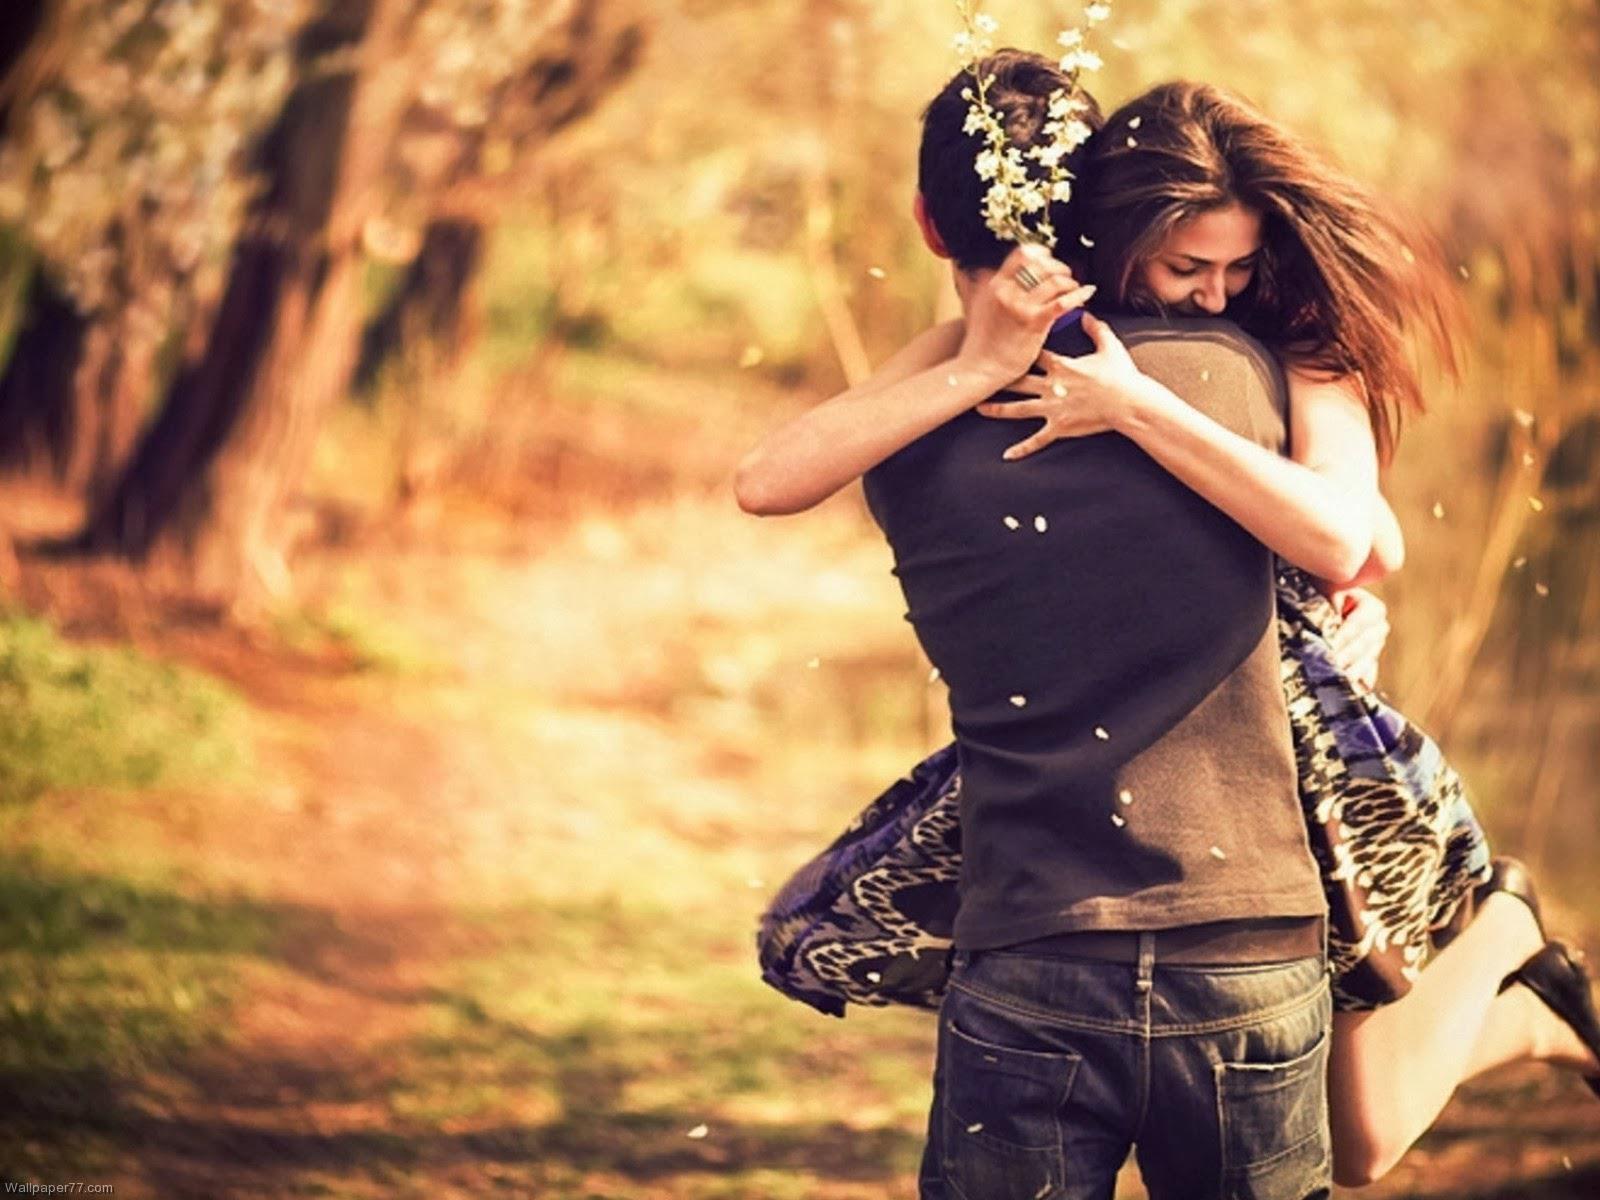 Hug and kiss of romantic couple HD Wallpapers Rocks 1600x1200